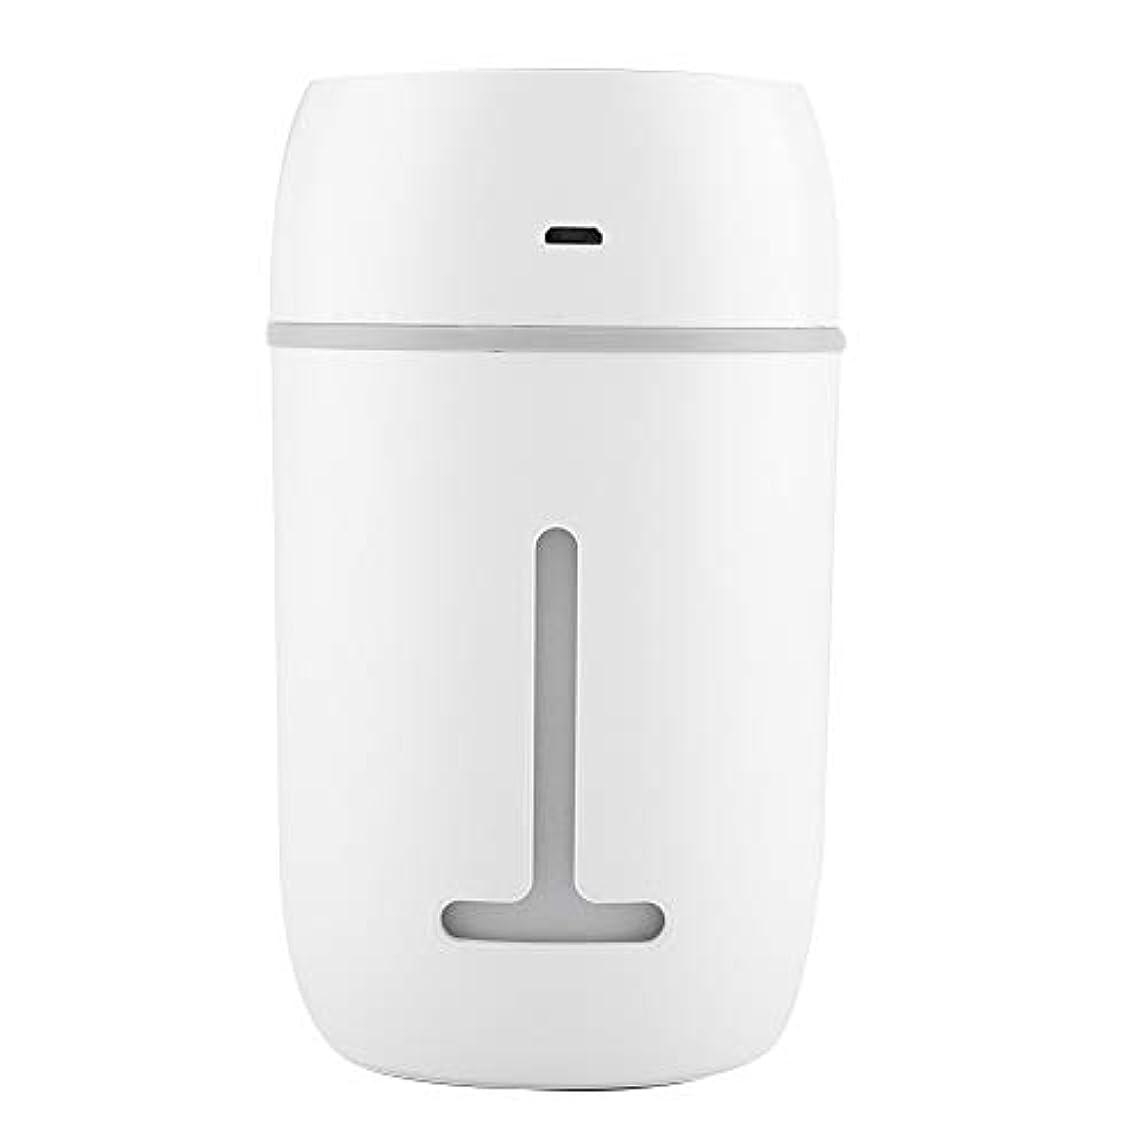 竜巻不要インドミニUSB加湿器、超音波クールミスト加湿器充電式ポータブルカーオフィス加湿器ディフューザー7色LEDライト